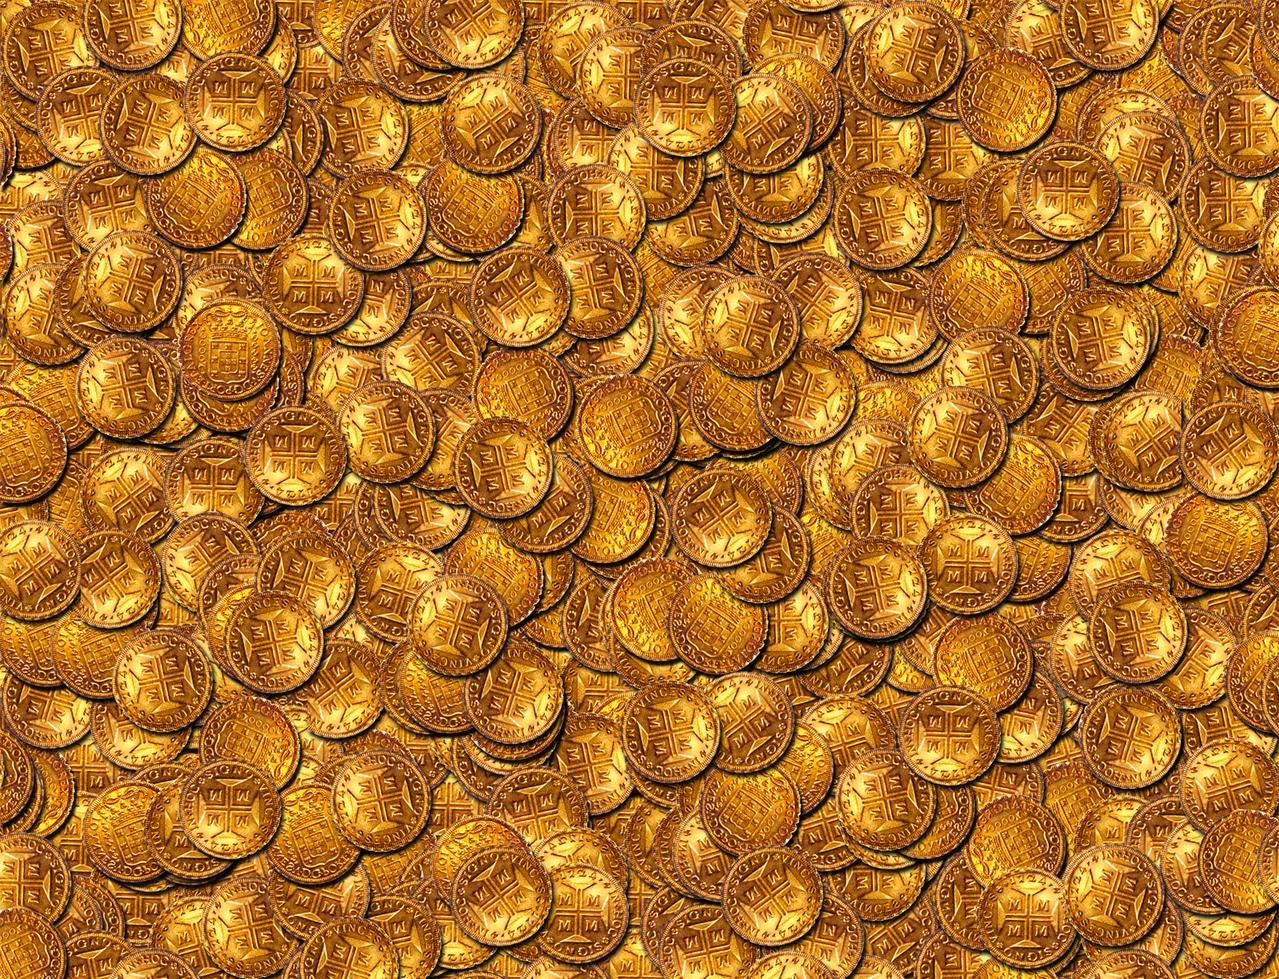 Ada ribuan koin emas kuno di temukan di Banda Aceh, Indonesia